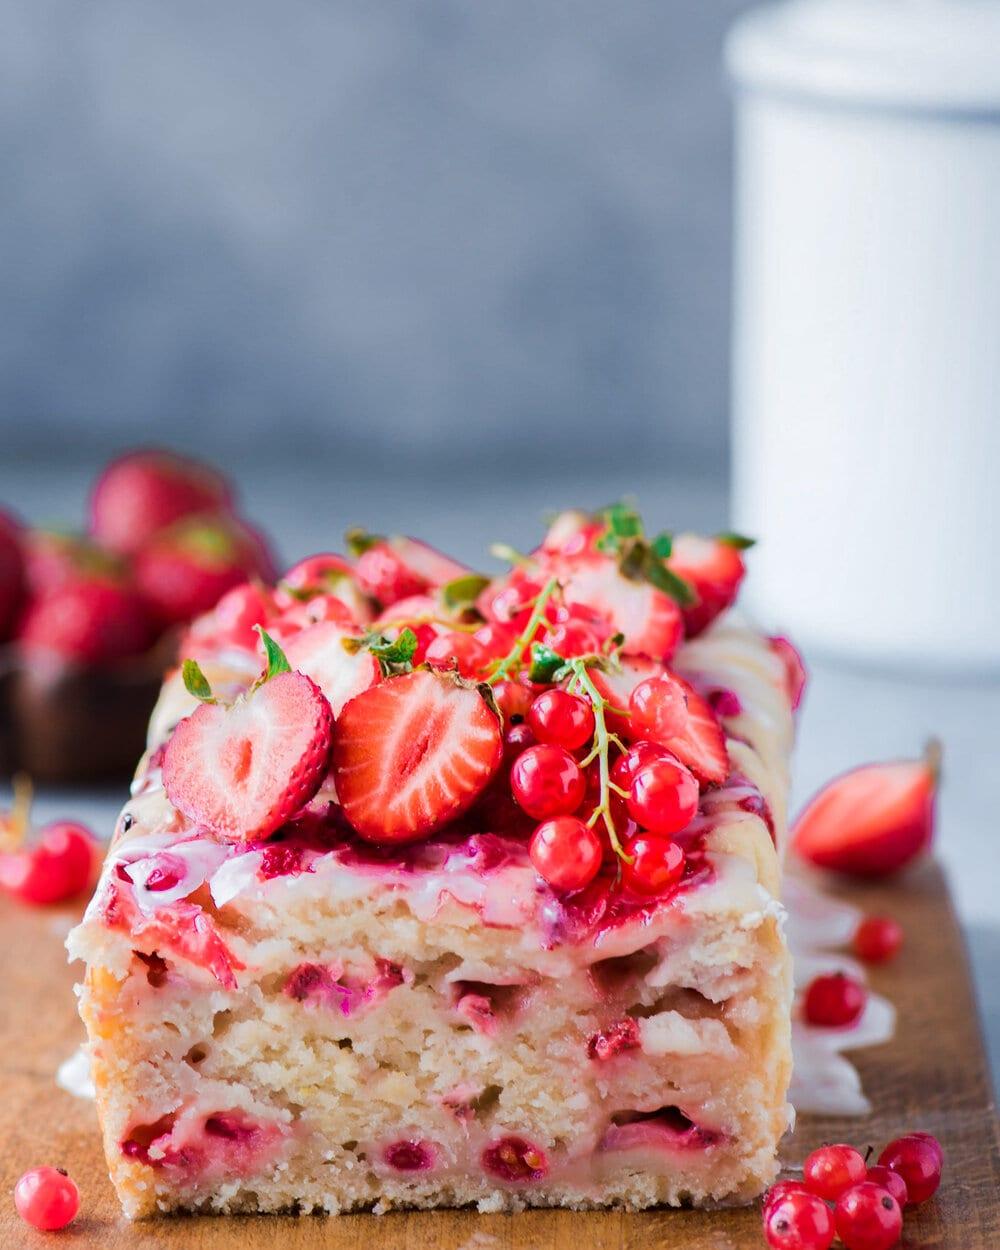 Strawberry Lemon Red Currant Loaf (Vegan)